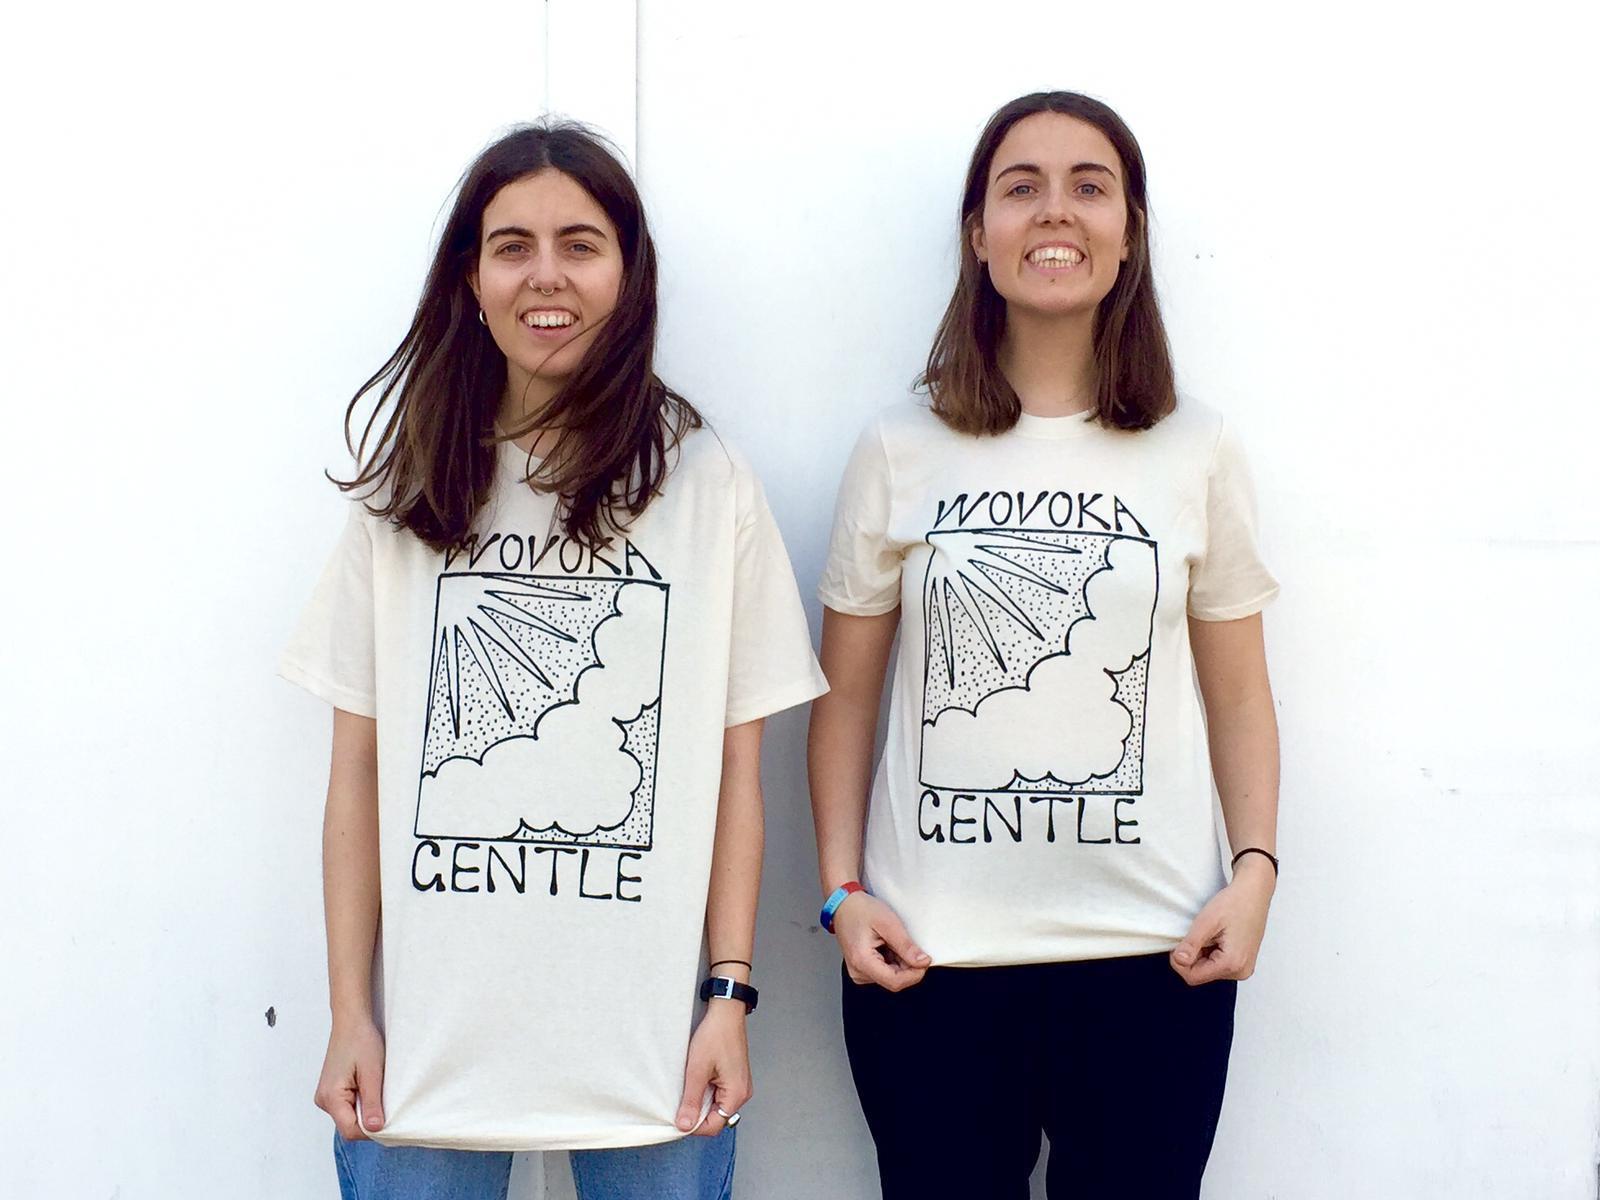 Wovoka Gentle T Shirt - Wovoka Gentle